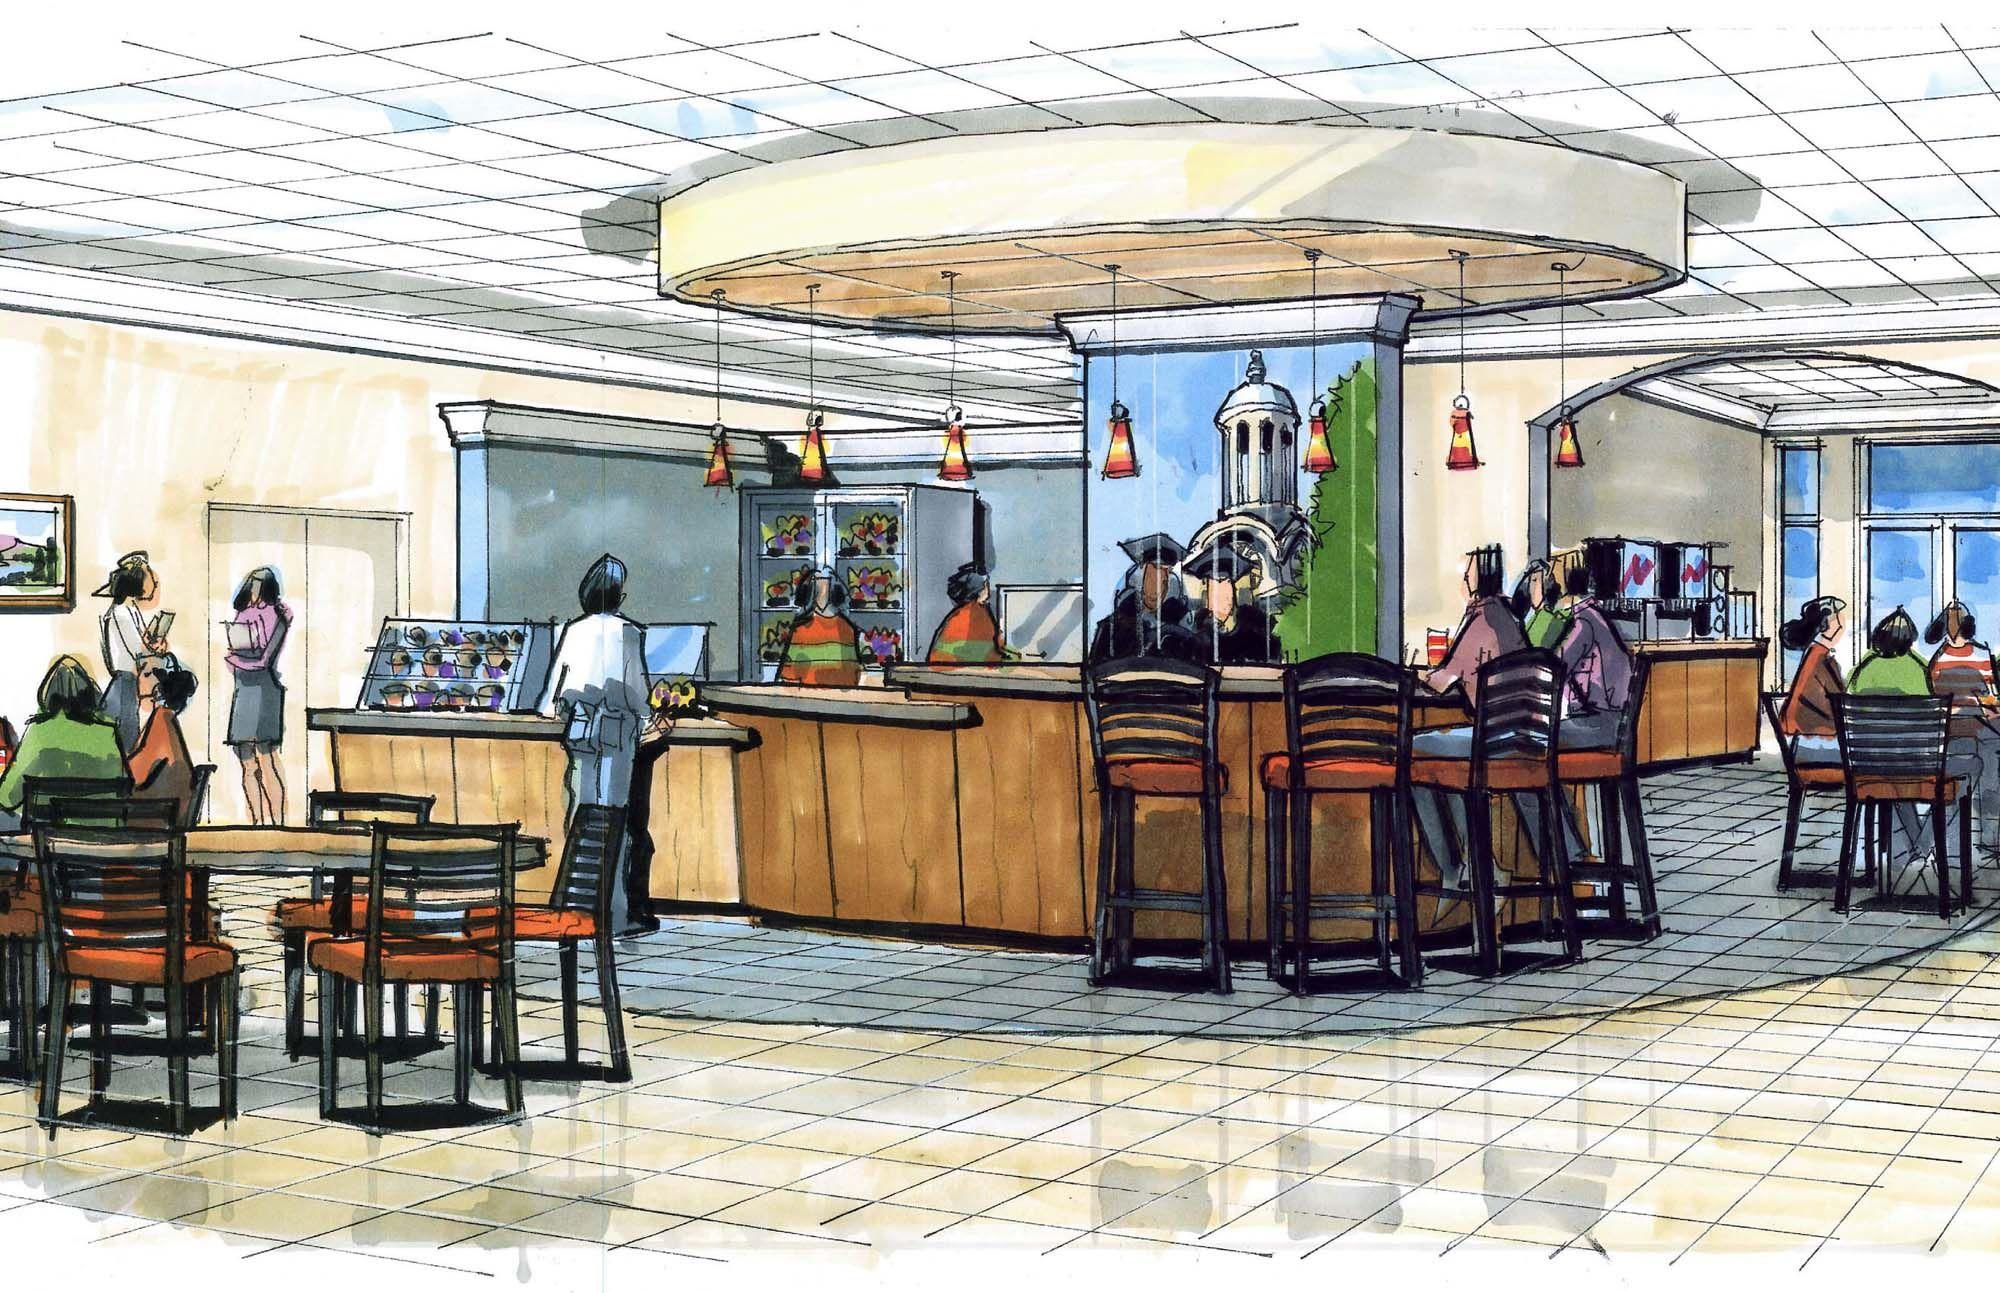 coffee shop interior sketch - Google Search | Interior ...